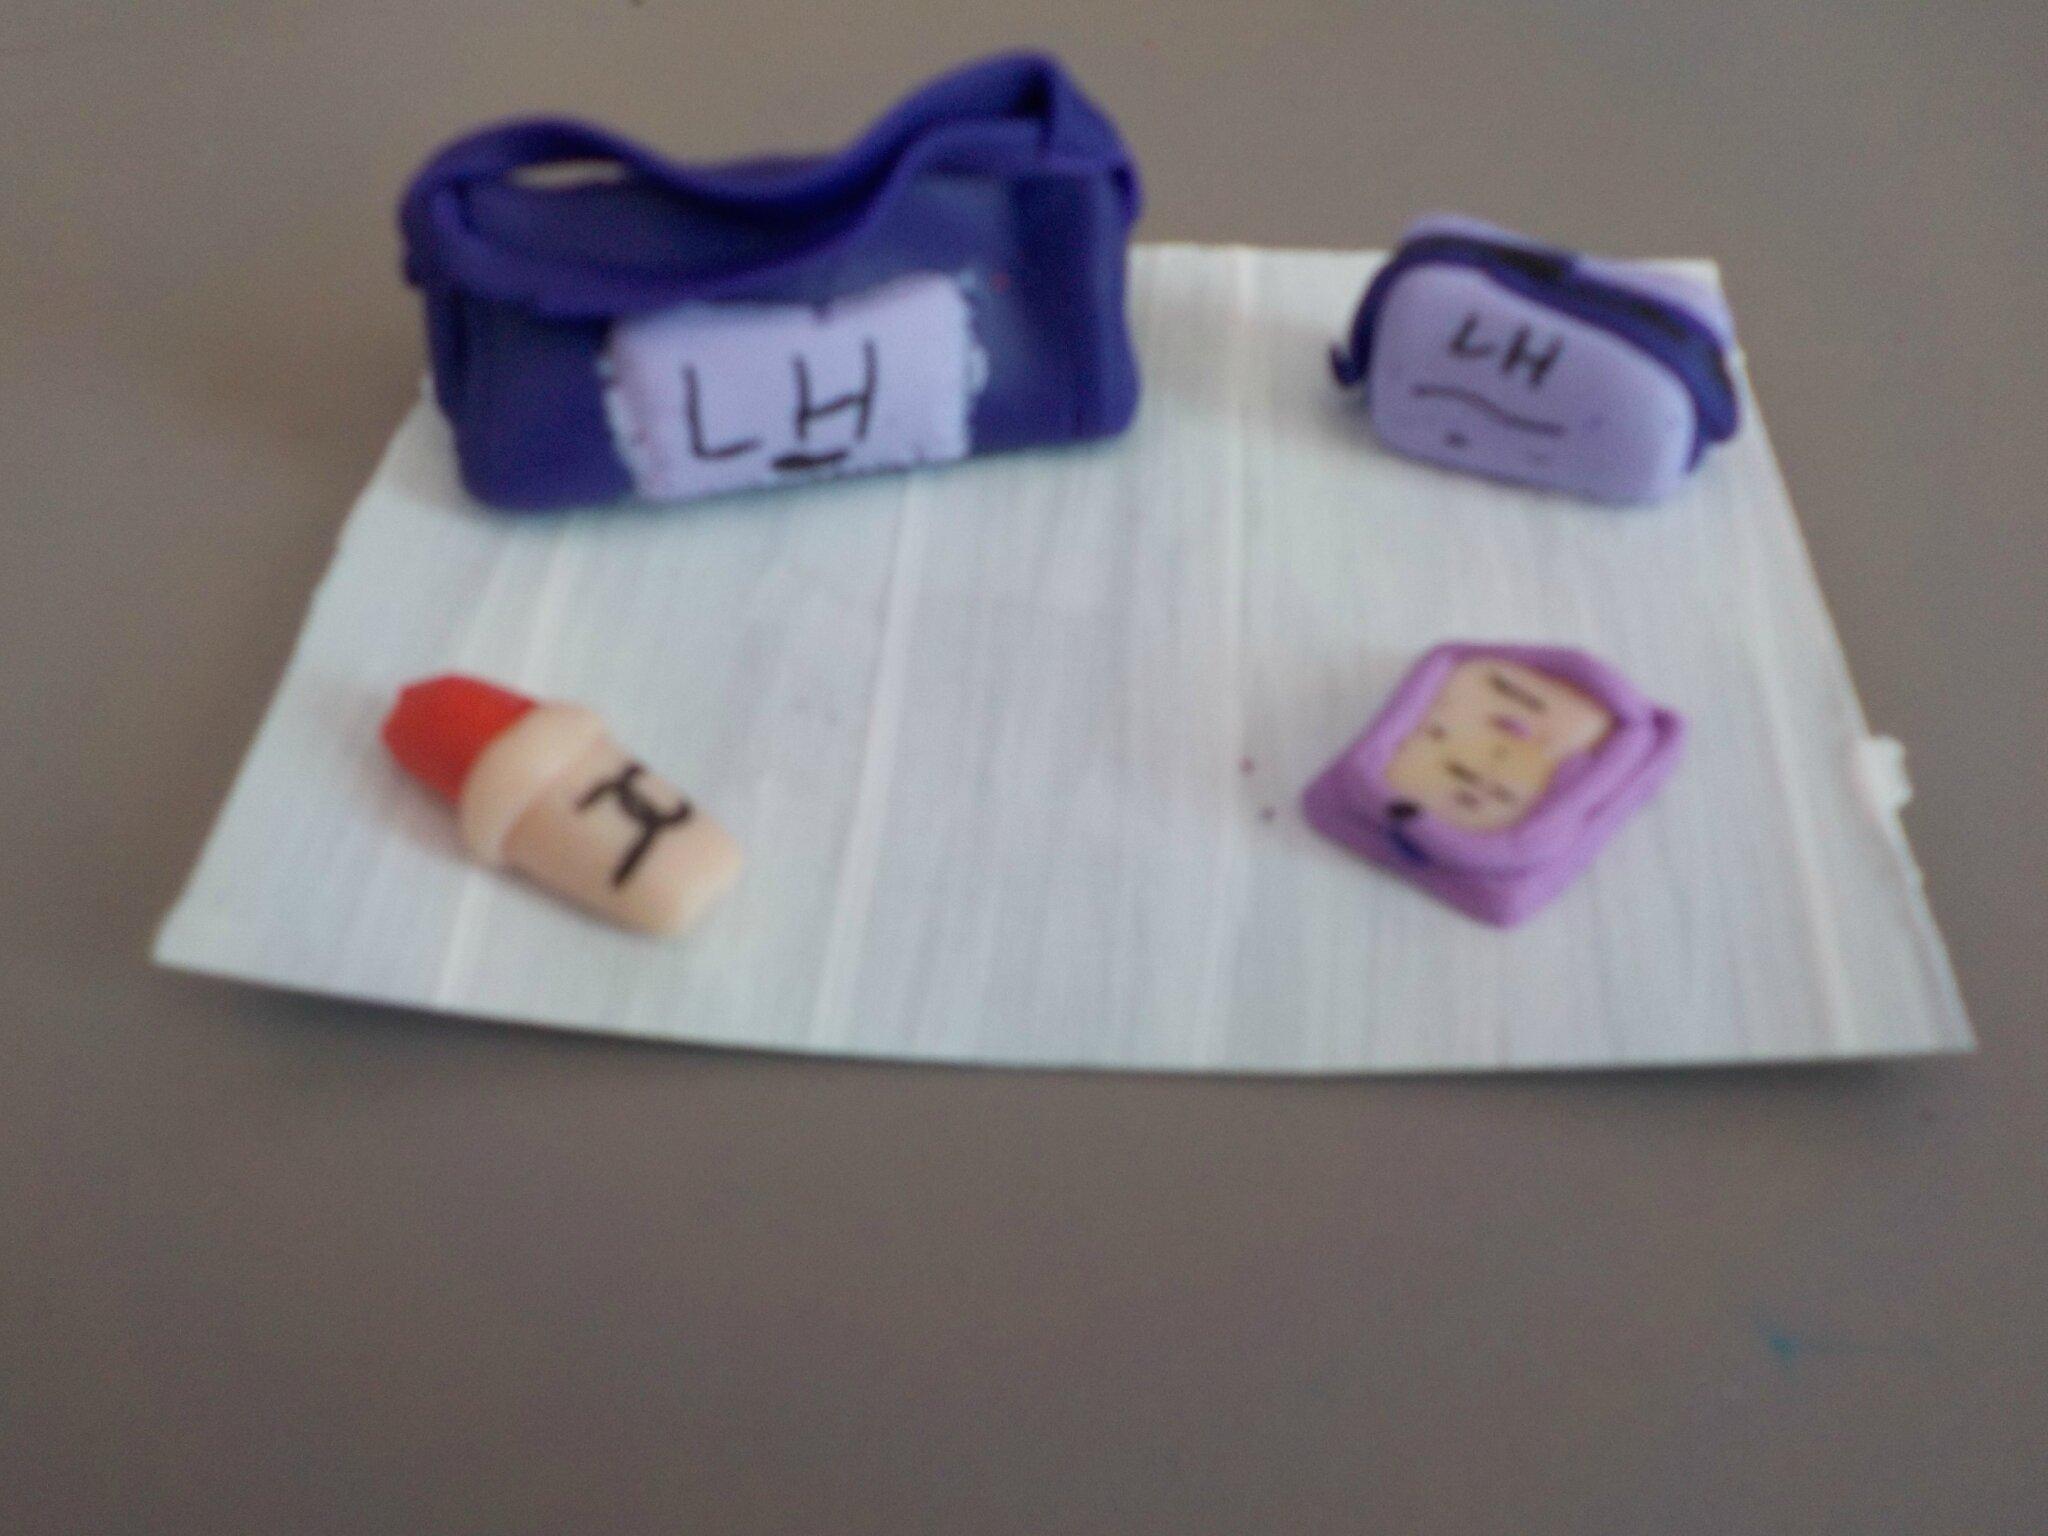 TUTO FIMO: le sac + les accessoires